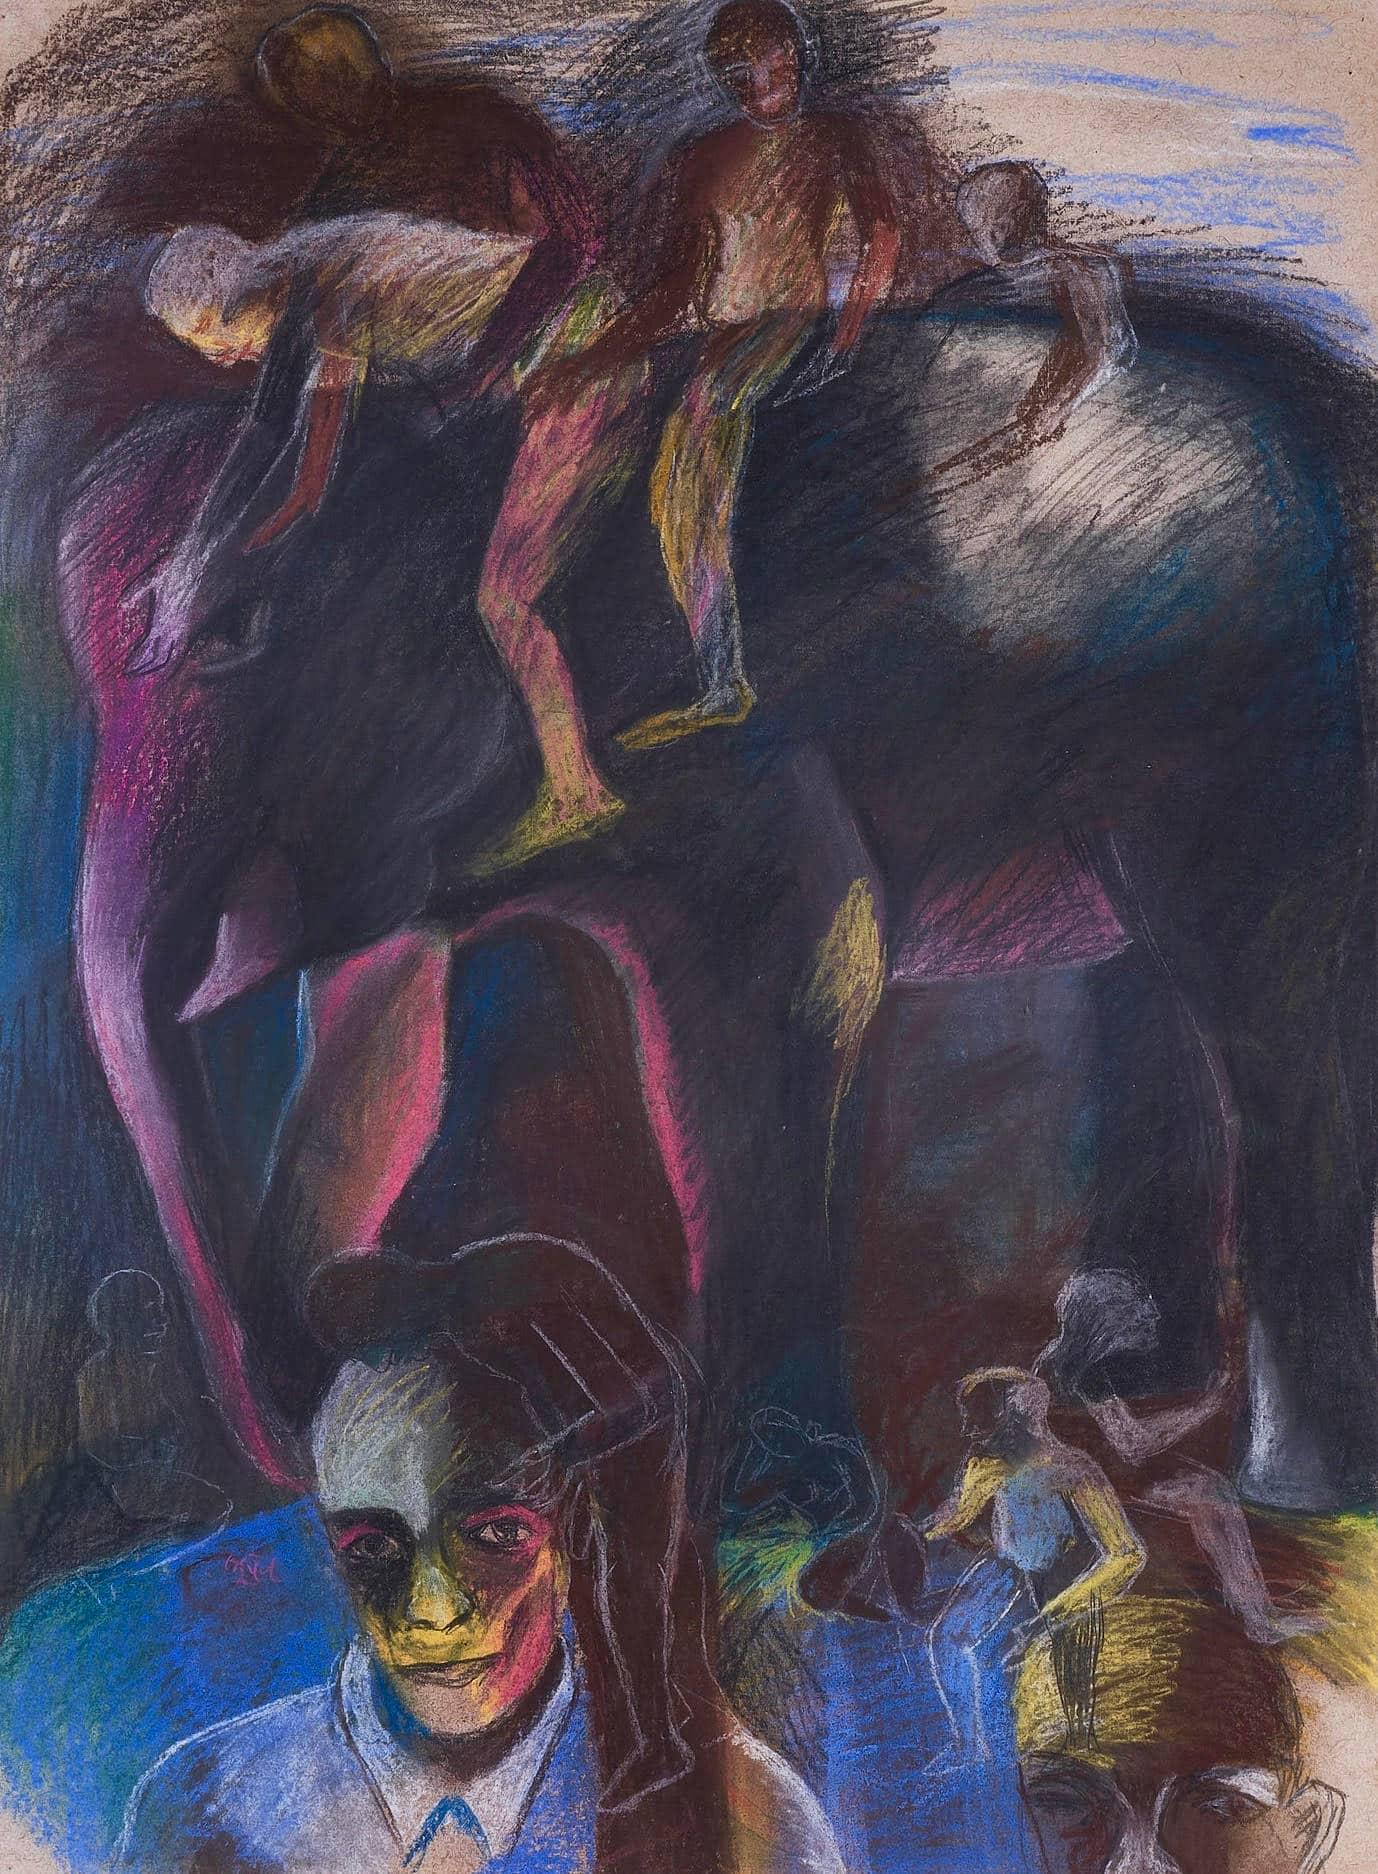 Men on Elephant, Bhupen Khakhar, oil and pastel on paper.